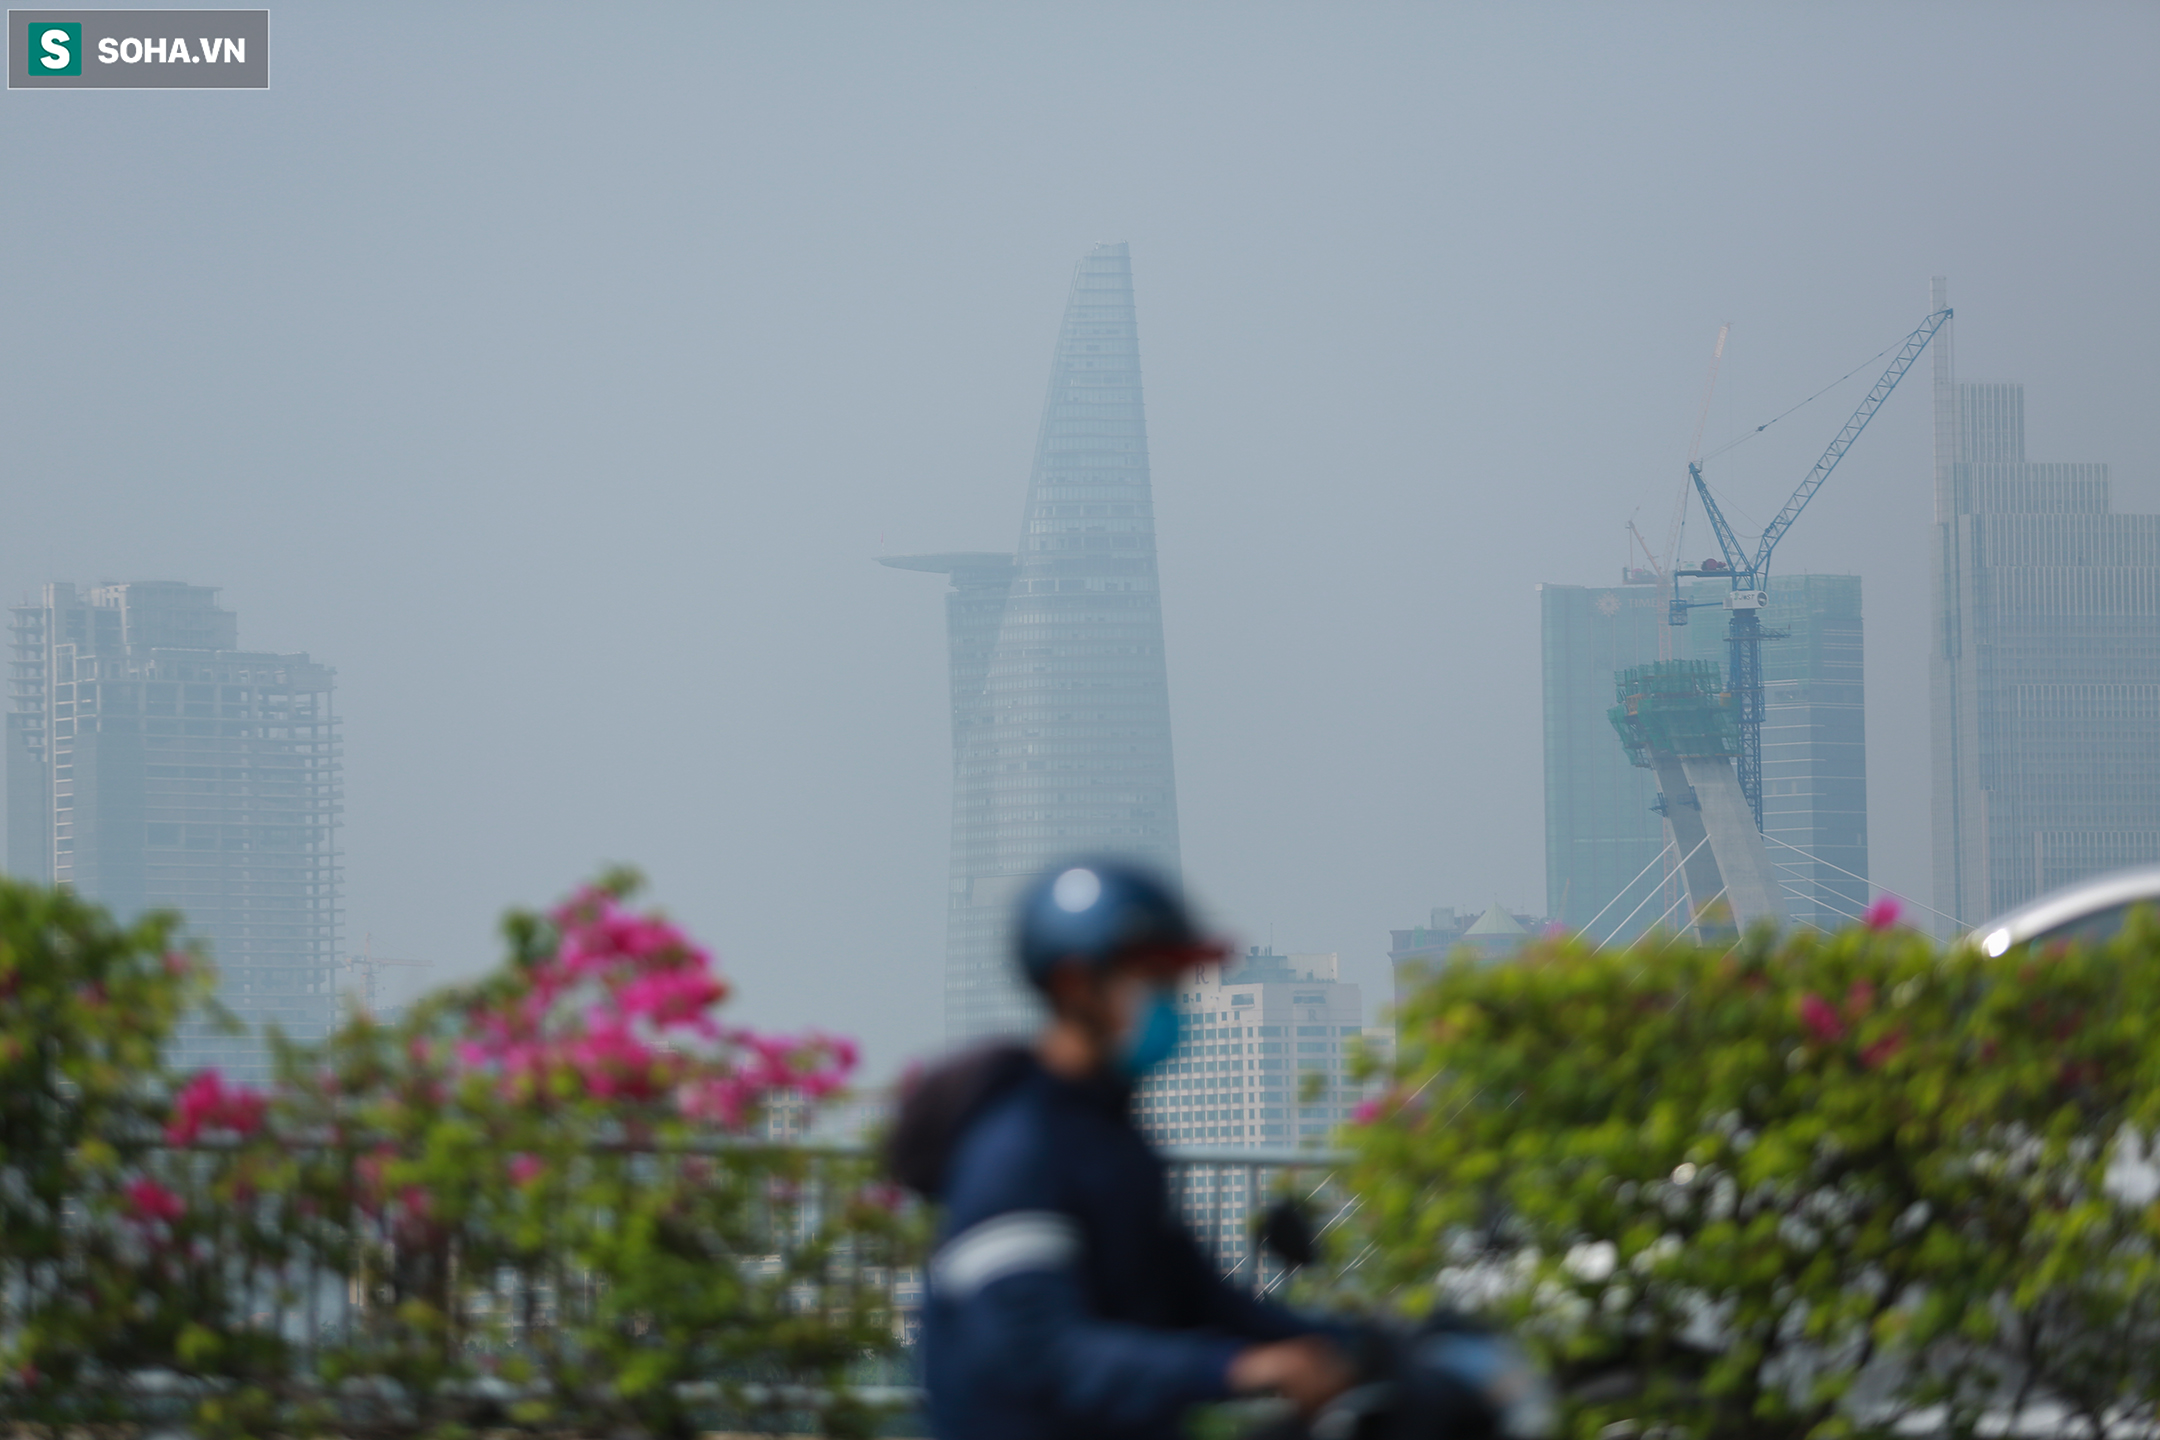 [Ảnh] Chất lượng không khí báo động đỏ, nhiều toà cao ốc ở TP.HCM bất ngờ biến mất trong sáng đầu tuần - Ảnh 3.